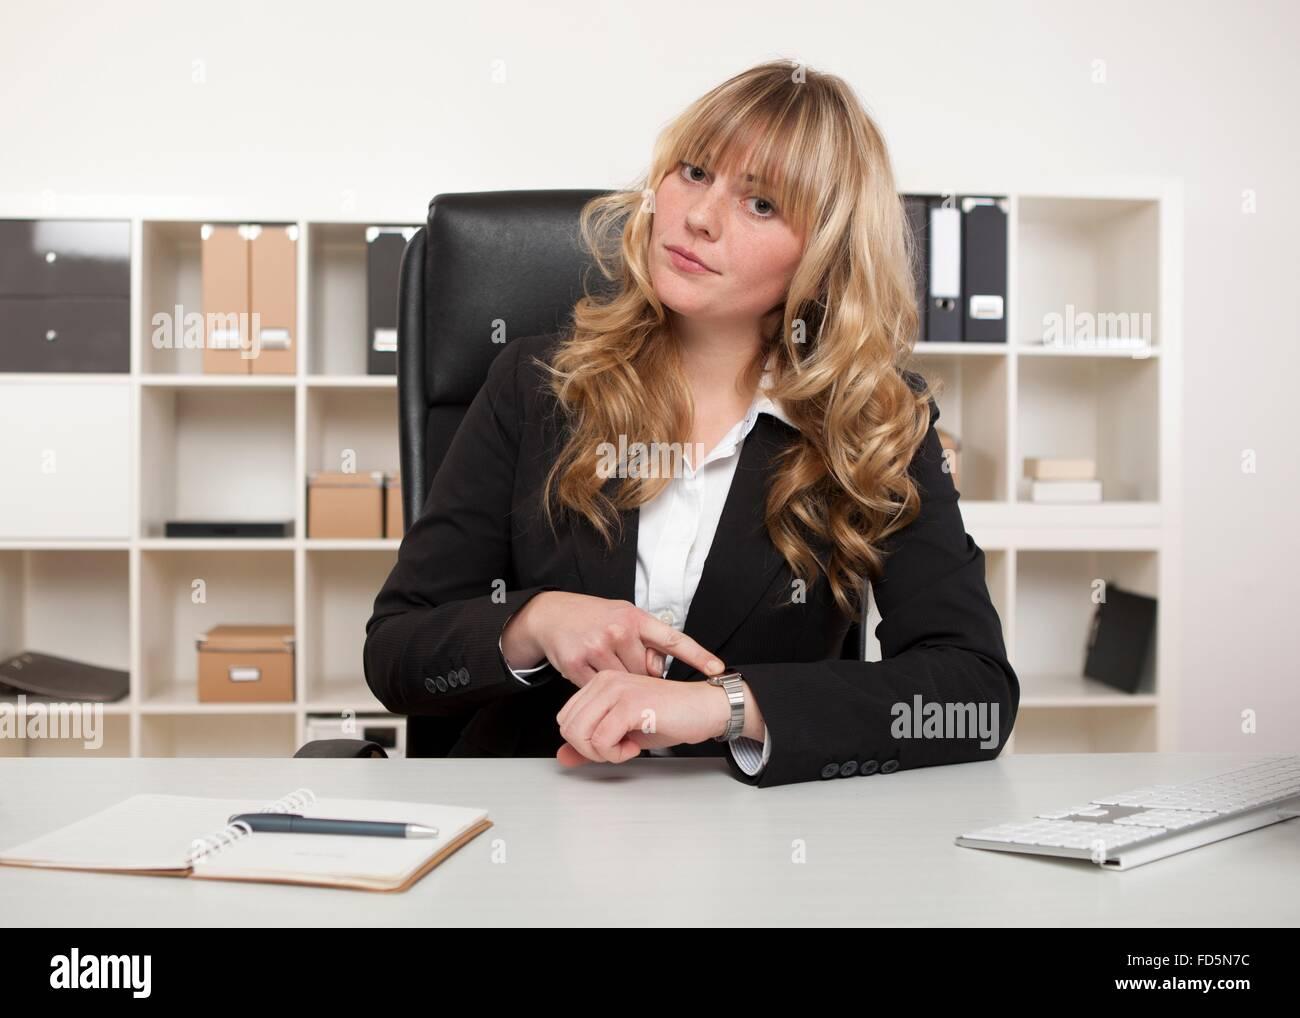 Directora sentada en su escritorio en la oficina, apuntando a su reloj haciendo un punto que alguien es tarde para Imagen De Stock